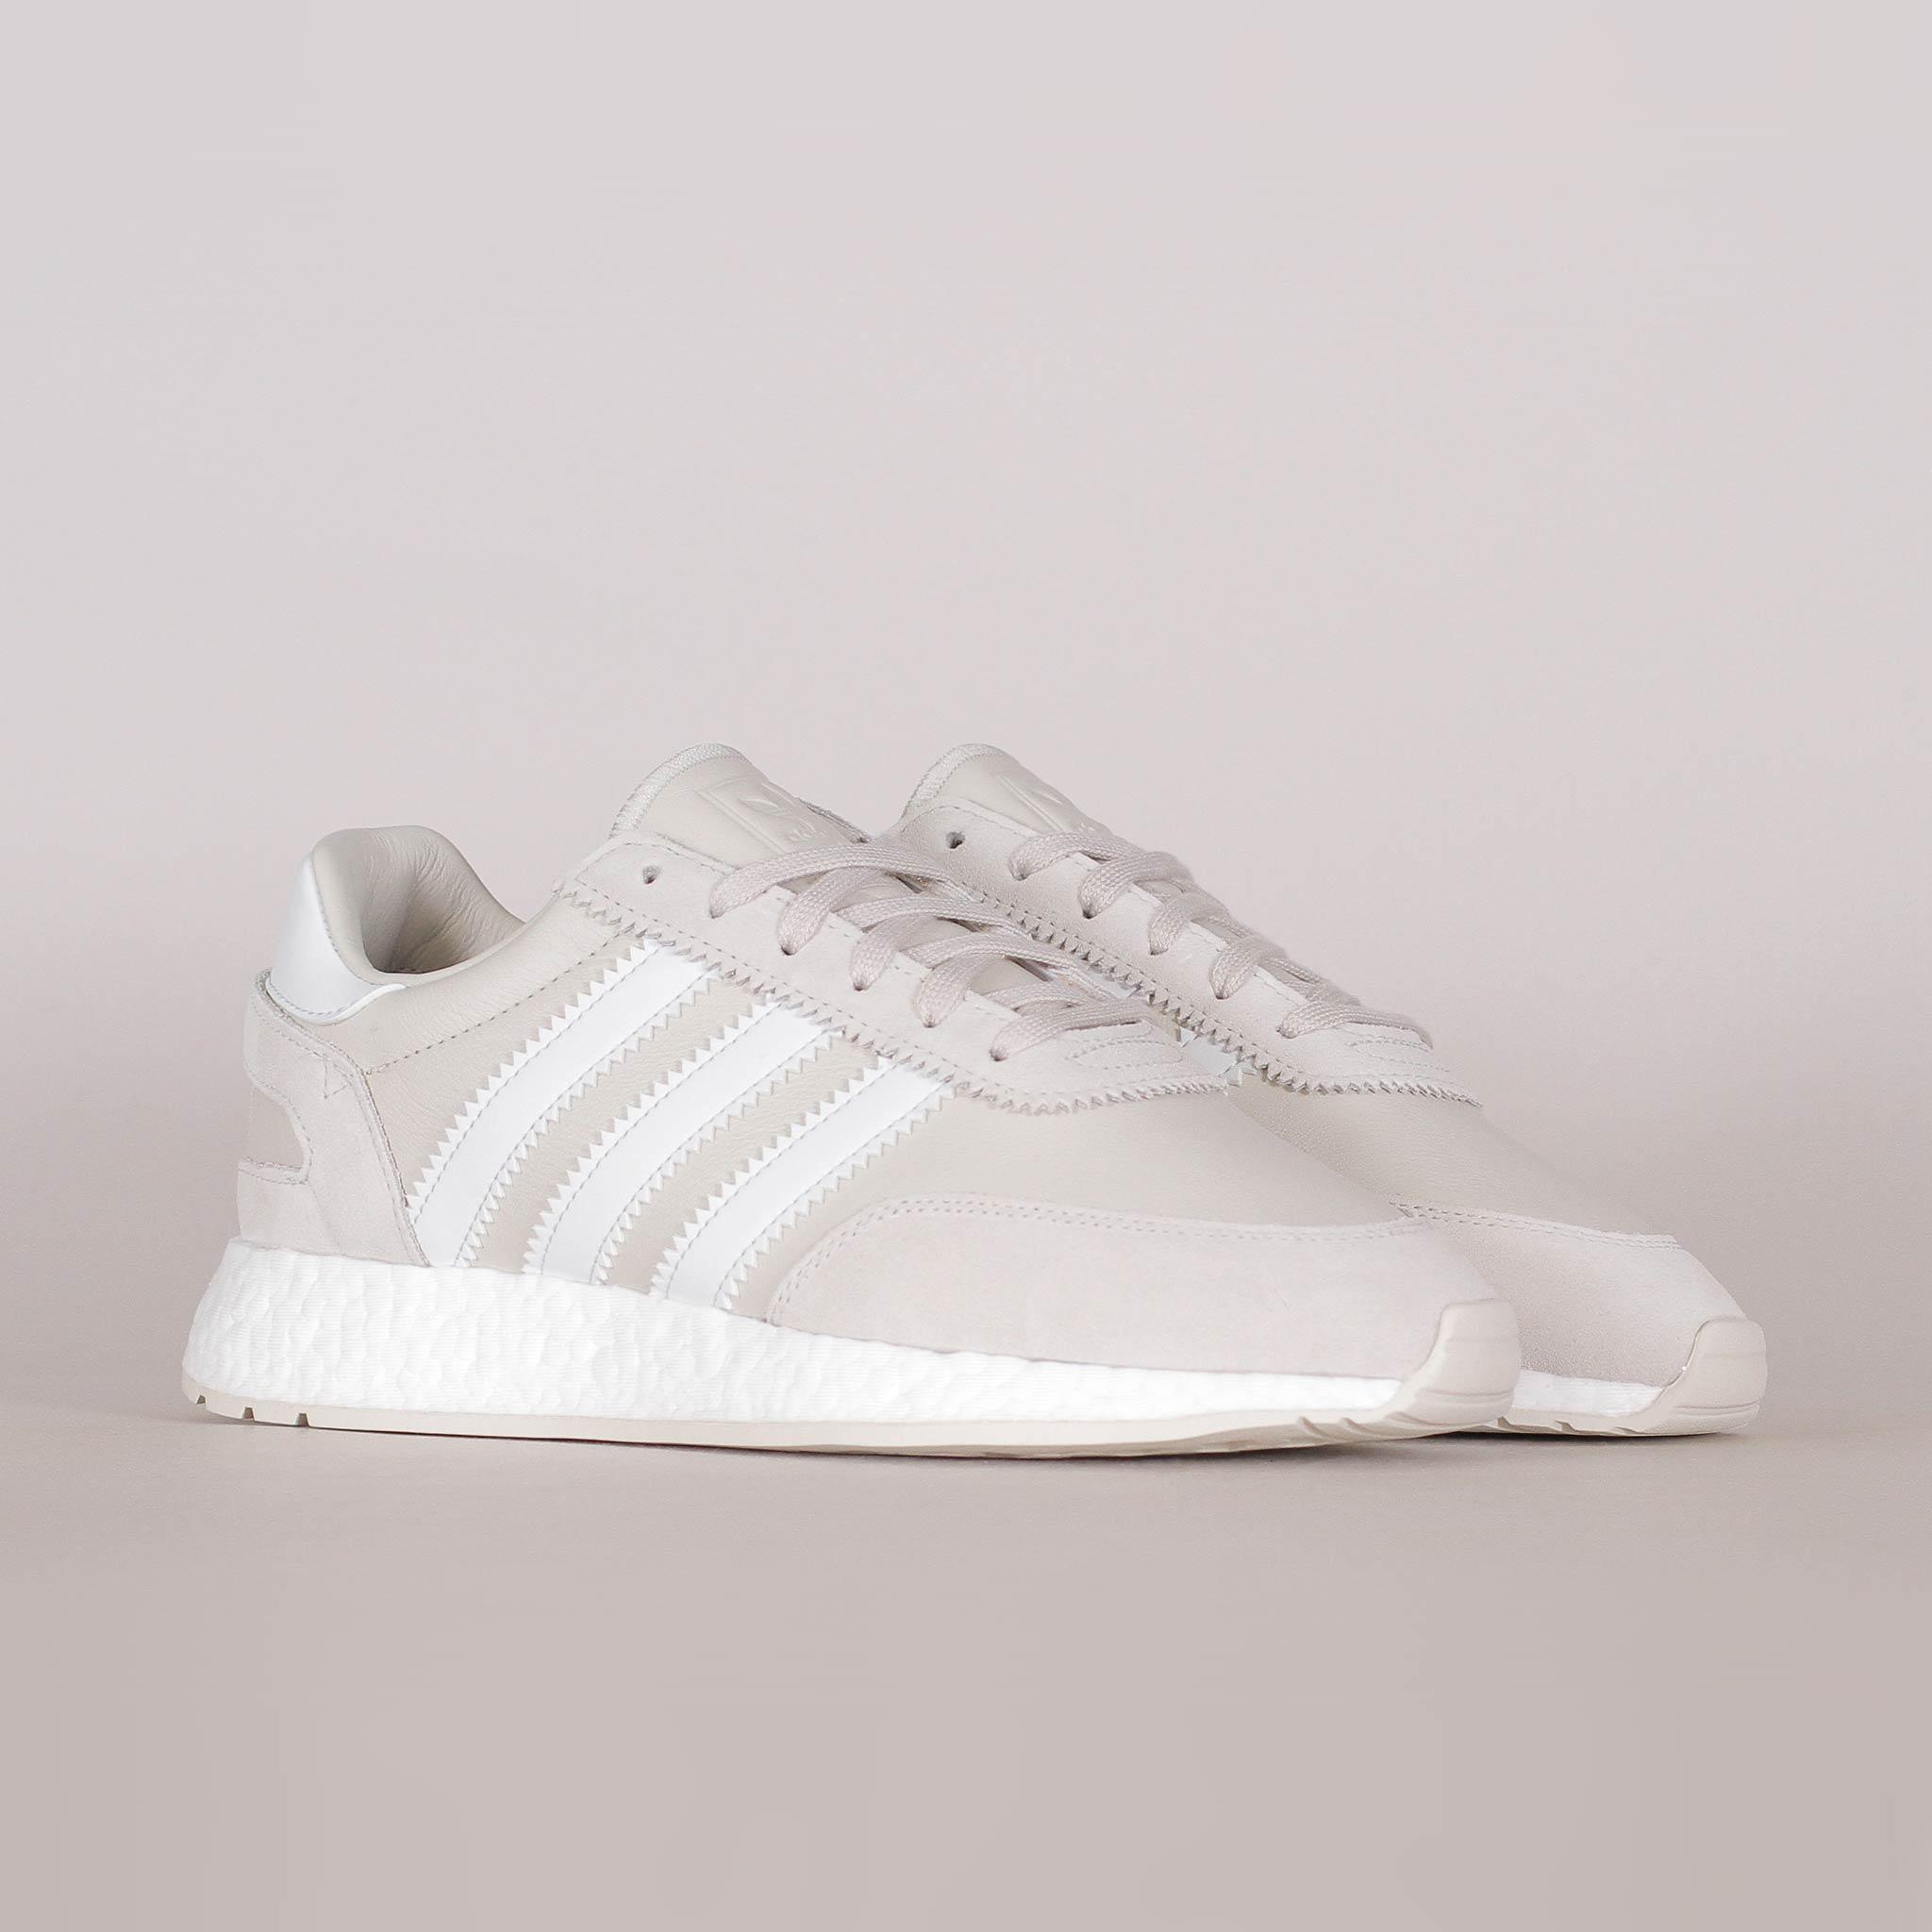 Shelta - Adidas Originals I-5923 Raw